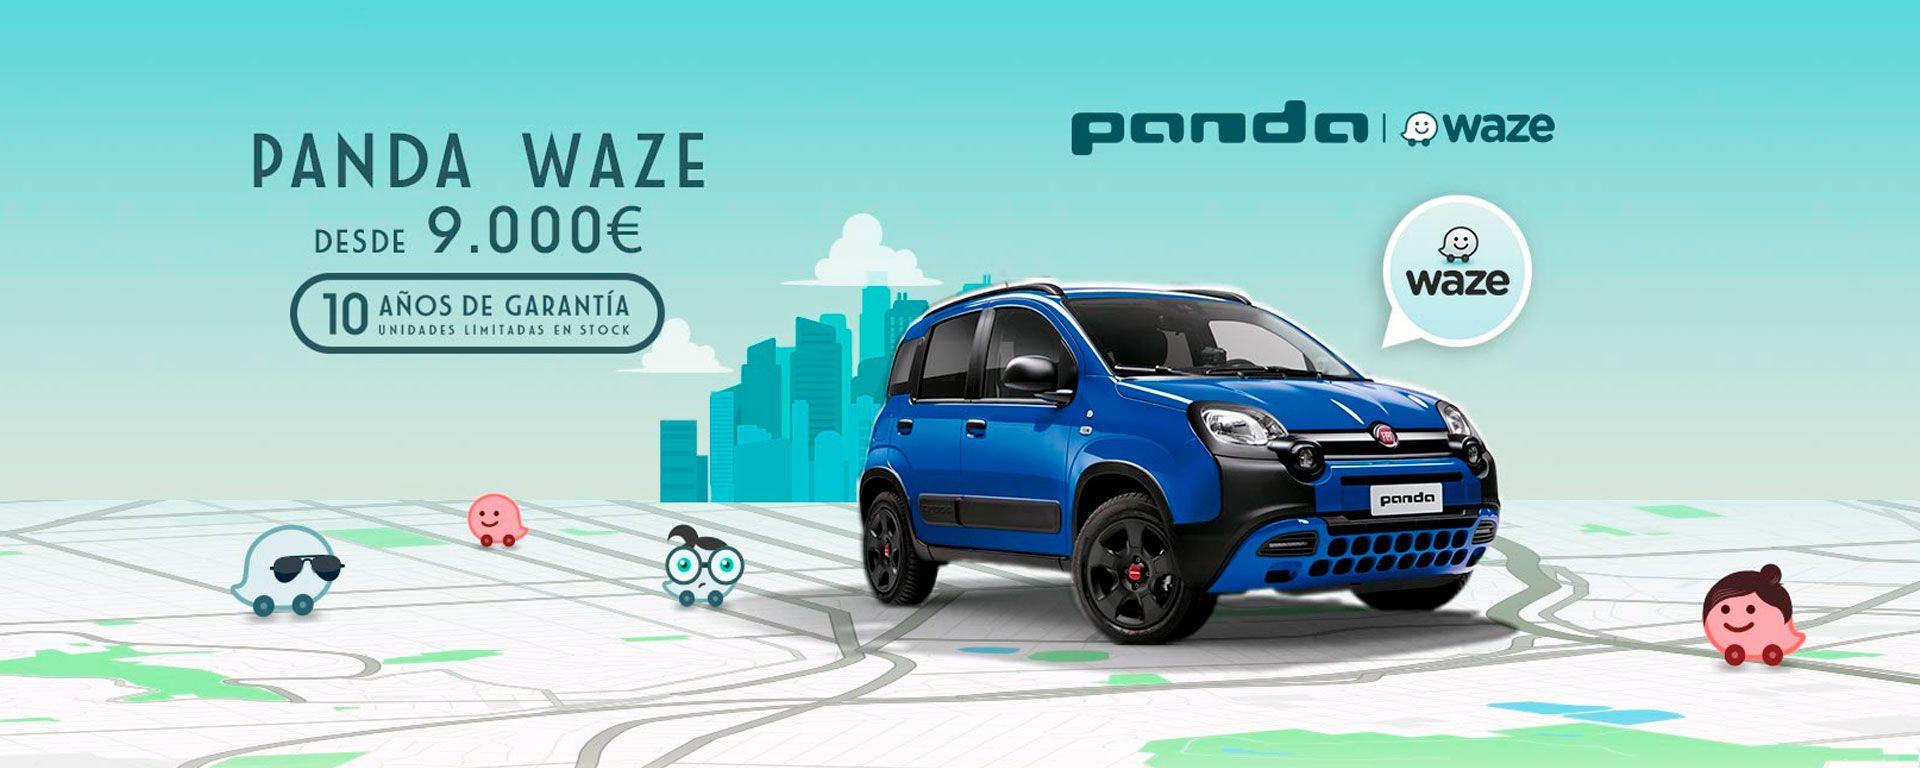 PANDA WAZE